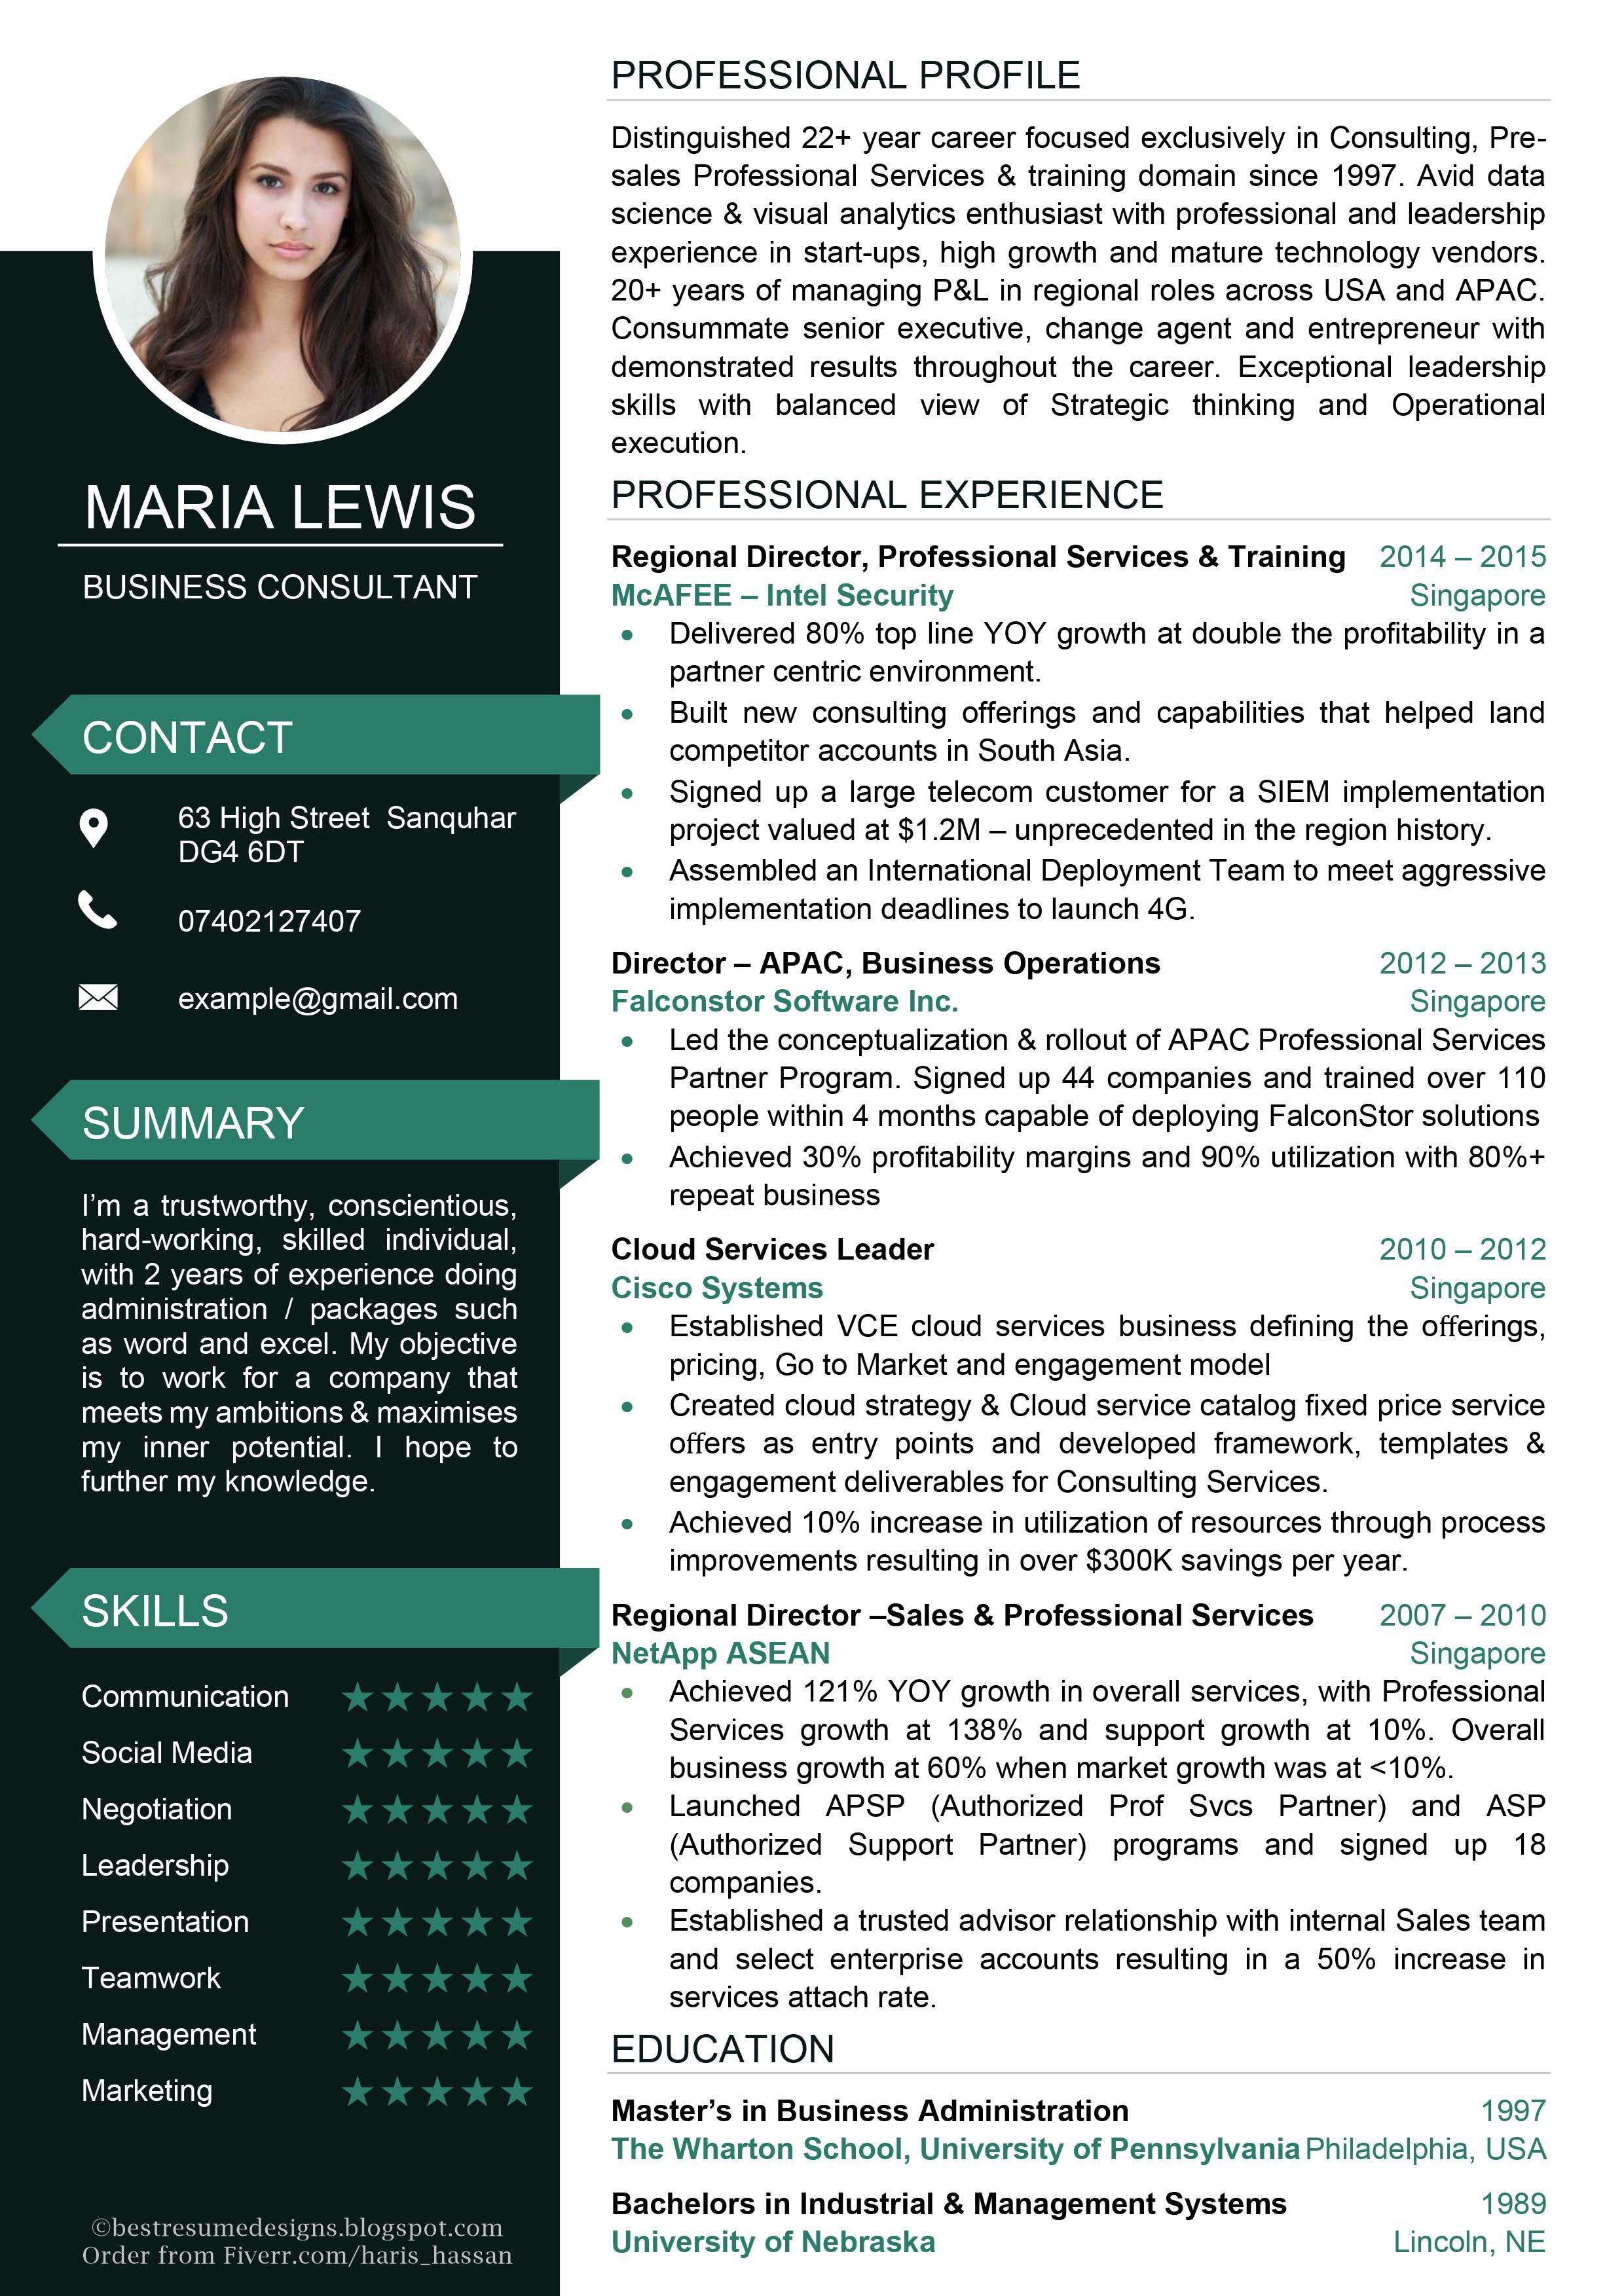 CV Design No 26 Resume design, Cv examples